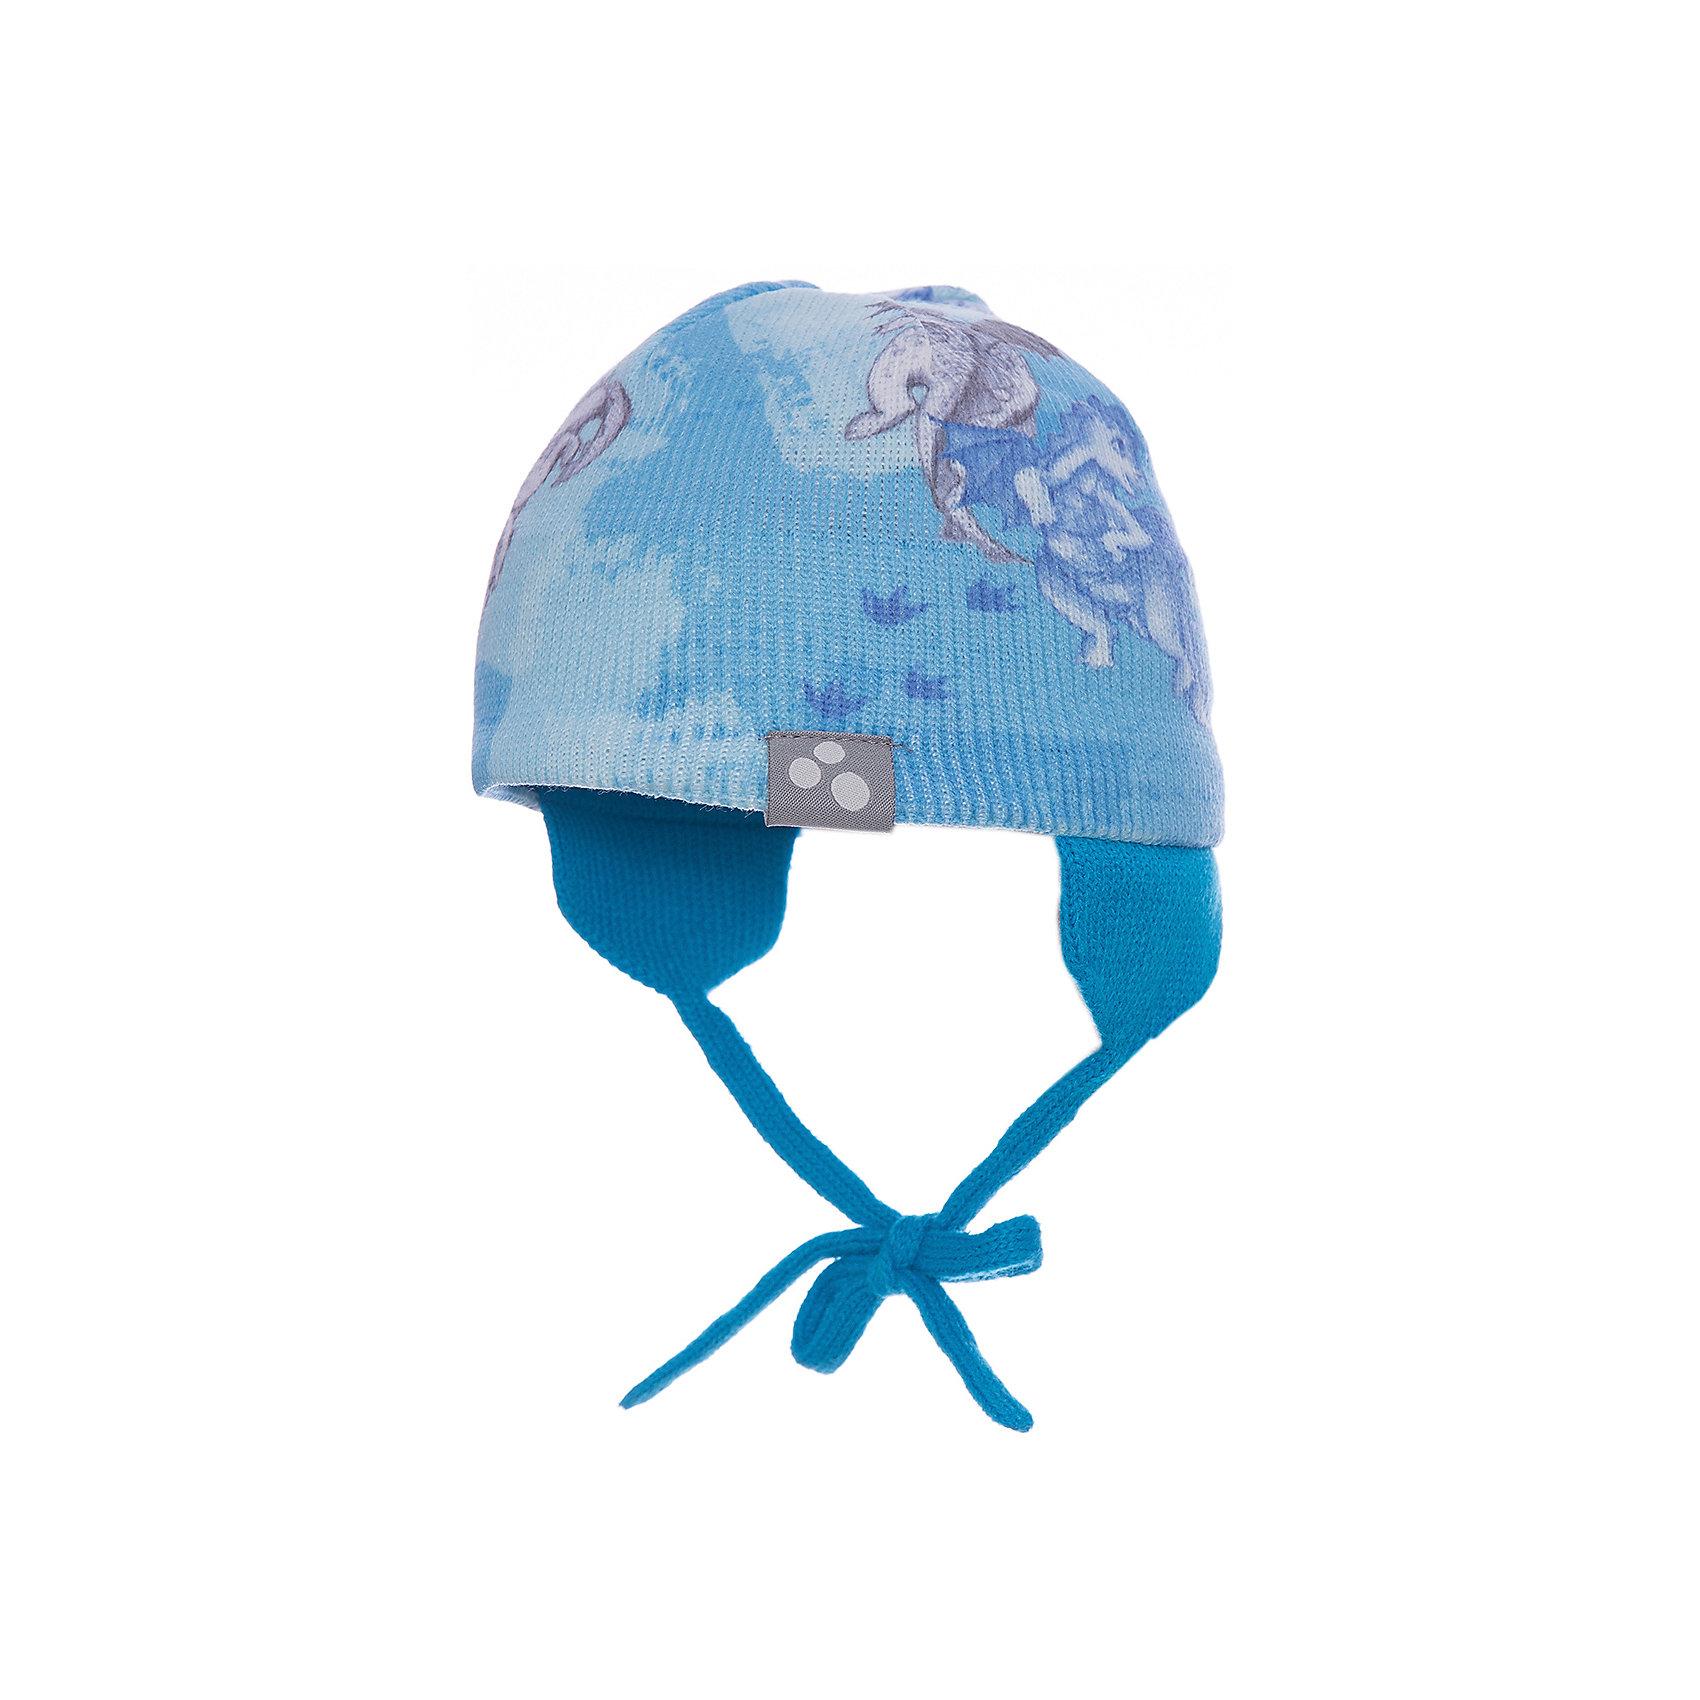 Шапка CAIRO для мальчика HuppaХарактеристики товара:<br><br>• цвет: светло-голубой принт<br>• состав: 100% акрил<br>• температурный режим: от 0°С до +10°С<br>• демисезонная<br>• логотип<br>• защита ушей<br>• комфортная посадка<br>• завязки<br>• мягкий материал<br>• страна бренда: Эстония<br><br>Эта шапка обеспечит детям тепло и комфорт. Она сделана из приятного на ощупь мягкого материала. Шапка очень симпатично смотрится, а дизайн и расцветка позволяют сочетать её с различной одеждой. Модель была разработана специально для детей.<br><br>Одежда и обувь от популярного эстонского бренда Huppa - отличный вариант одеть ребенка можно и комфортно. Вещи, выпускаемые компанией, качественные, продуманные и очень удобные. Для производства изделий используются только безопасные для детей материалы. Продукция от Huppa порадует и детей, и их родителей!<br><br>Шапку CAIRO от бренда Huppa (Хуппа) можно купить в нашем интернет-магазине.<br><br>Ширина мм: 89<br>Глубина мм: 117<br>Высота мм: 44<br>Вес г: 155<br>Цвет: синий<br>Возраст от месяцев: 72<br>Возраст до месяцев: 120<br>Пол: Мужской<br>Возраст: Детский<br>Размер: 55-57,51-53,47-49,43-45<br>SKU: 5347667